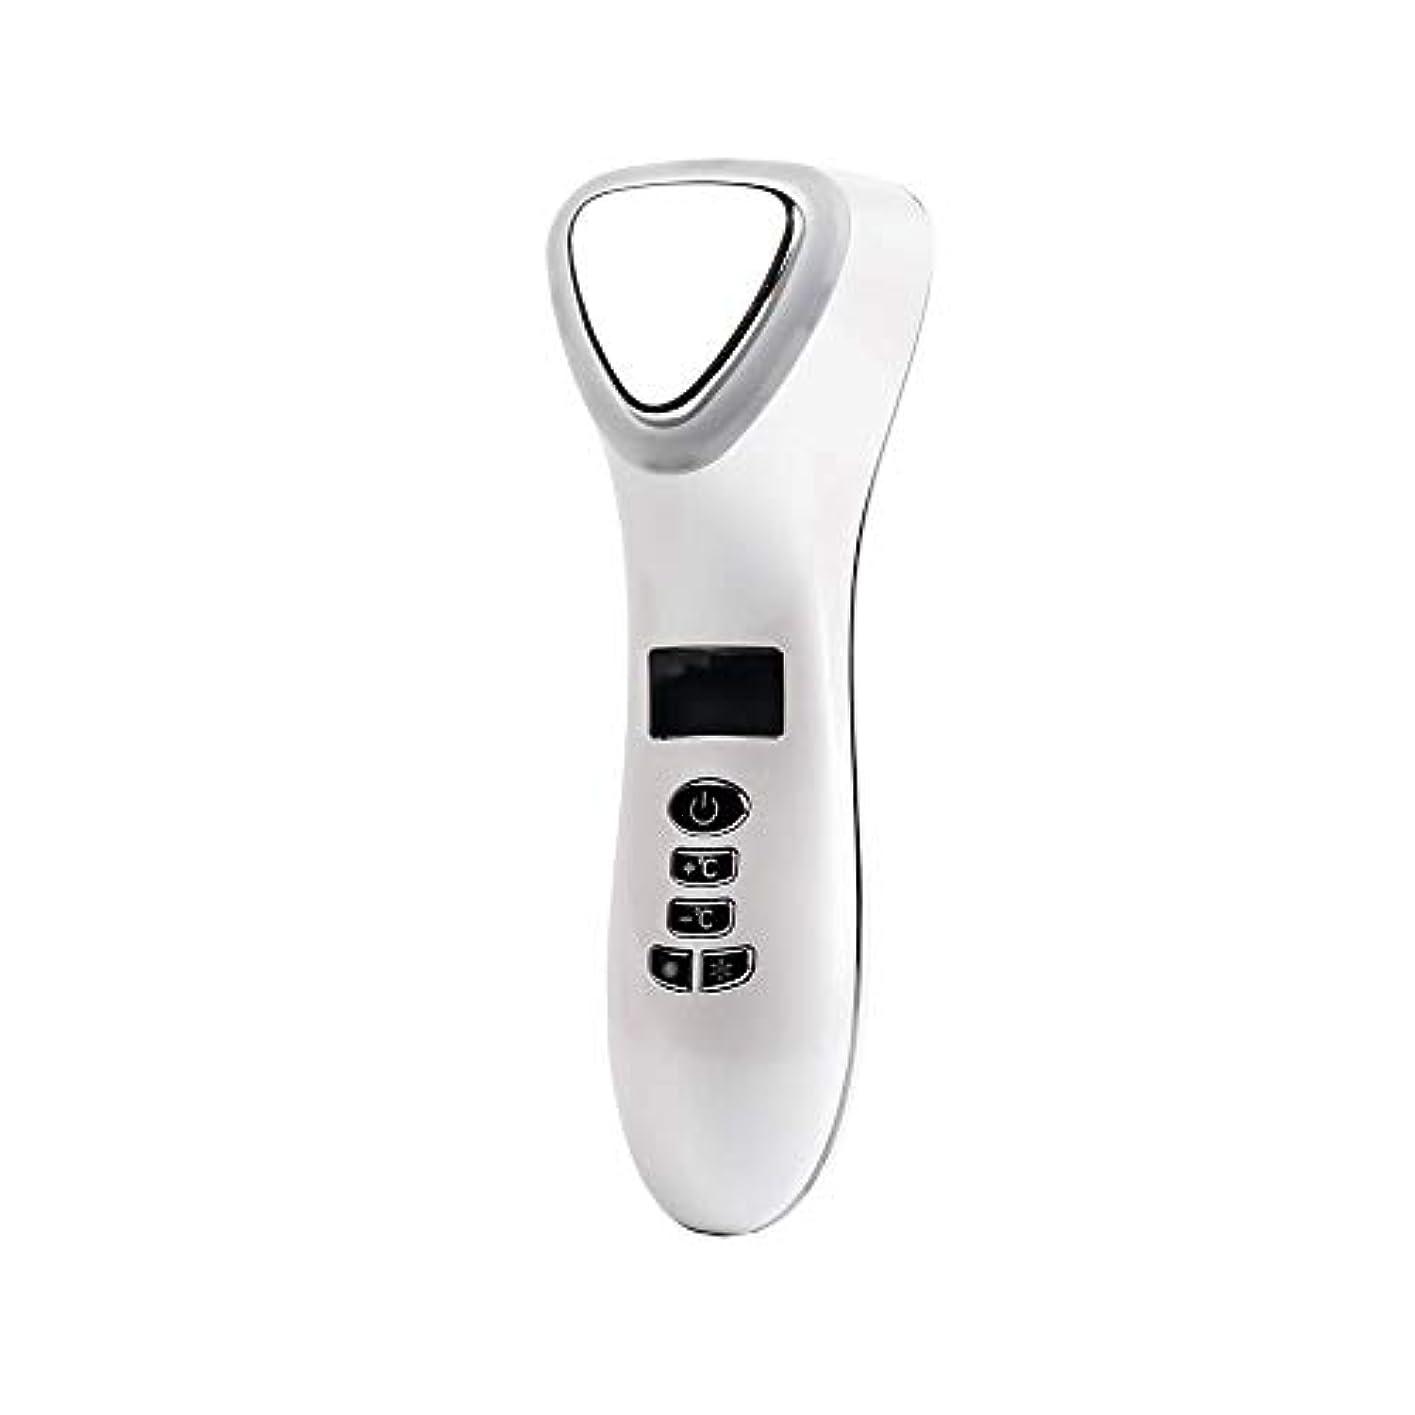 置くためにパック望ましいコンバーチブルJMY クレンジング器、美顔器、フェイシャル?SPA、にきび光線療法、振動ファーミングトリートメント